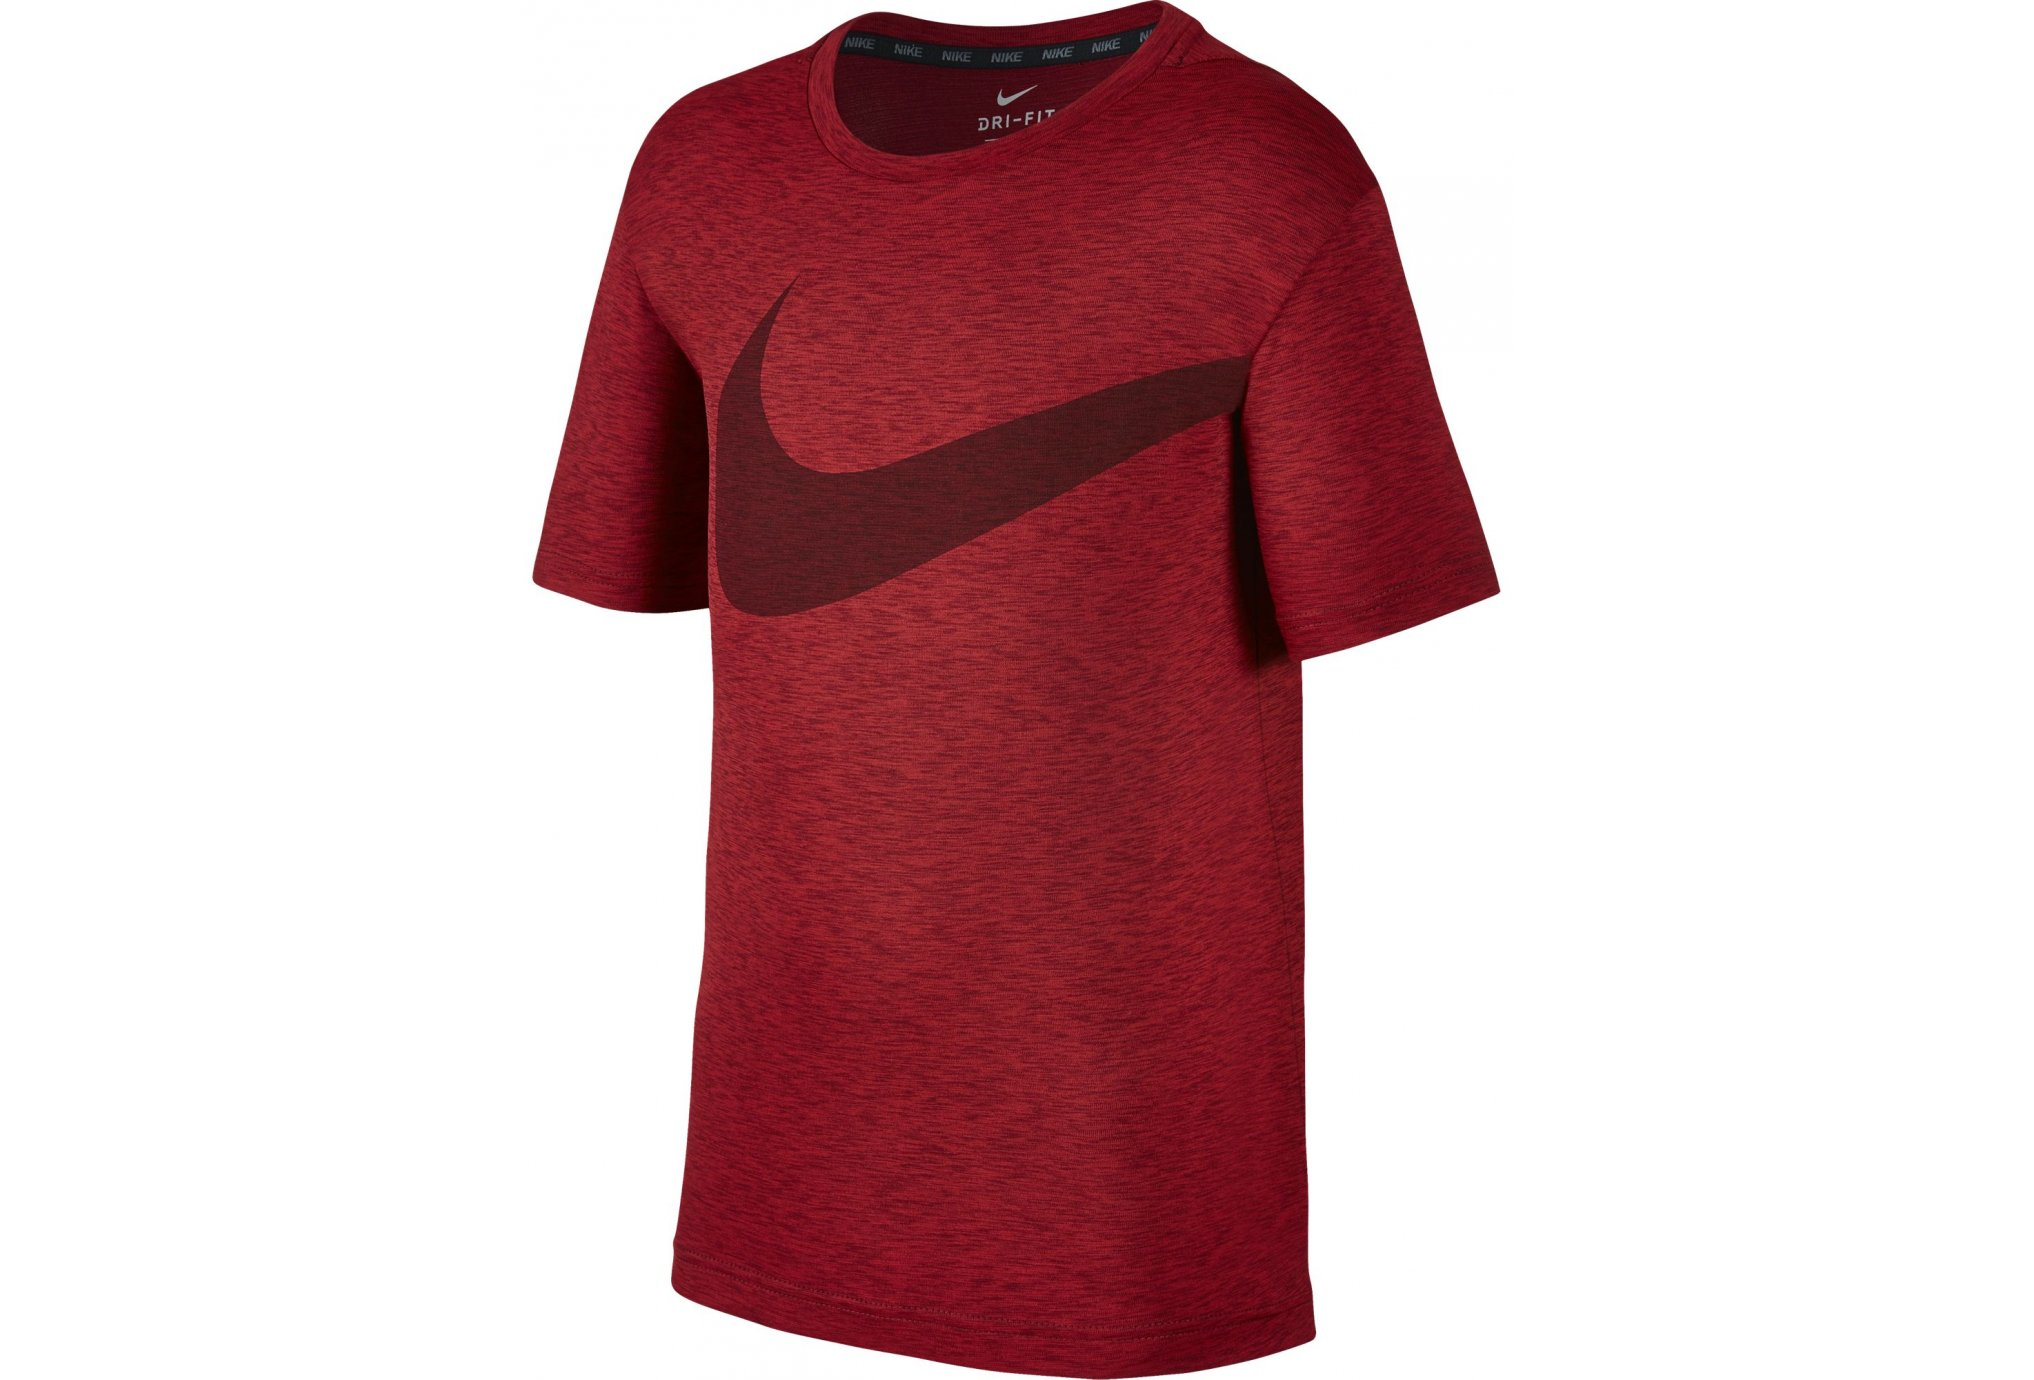 Nike Breathe Training Junior vêtement running homme